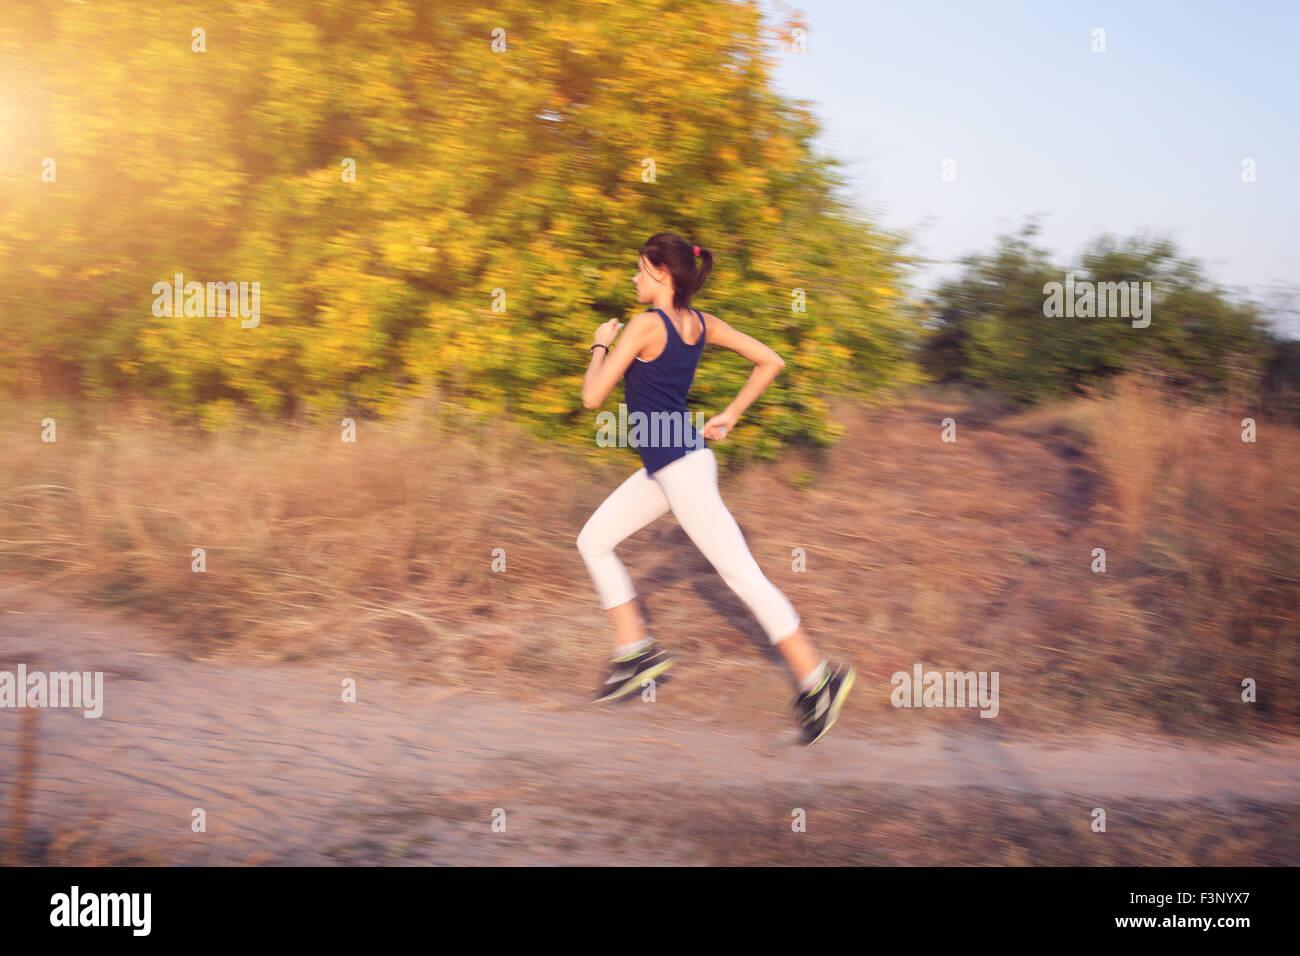 Jeune femme tournant sur un chemin rural au coucher du soleil dans la forêt d'automne. Fond sports Lifestyle Photo Stock